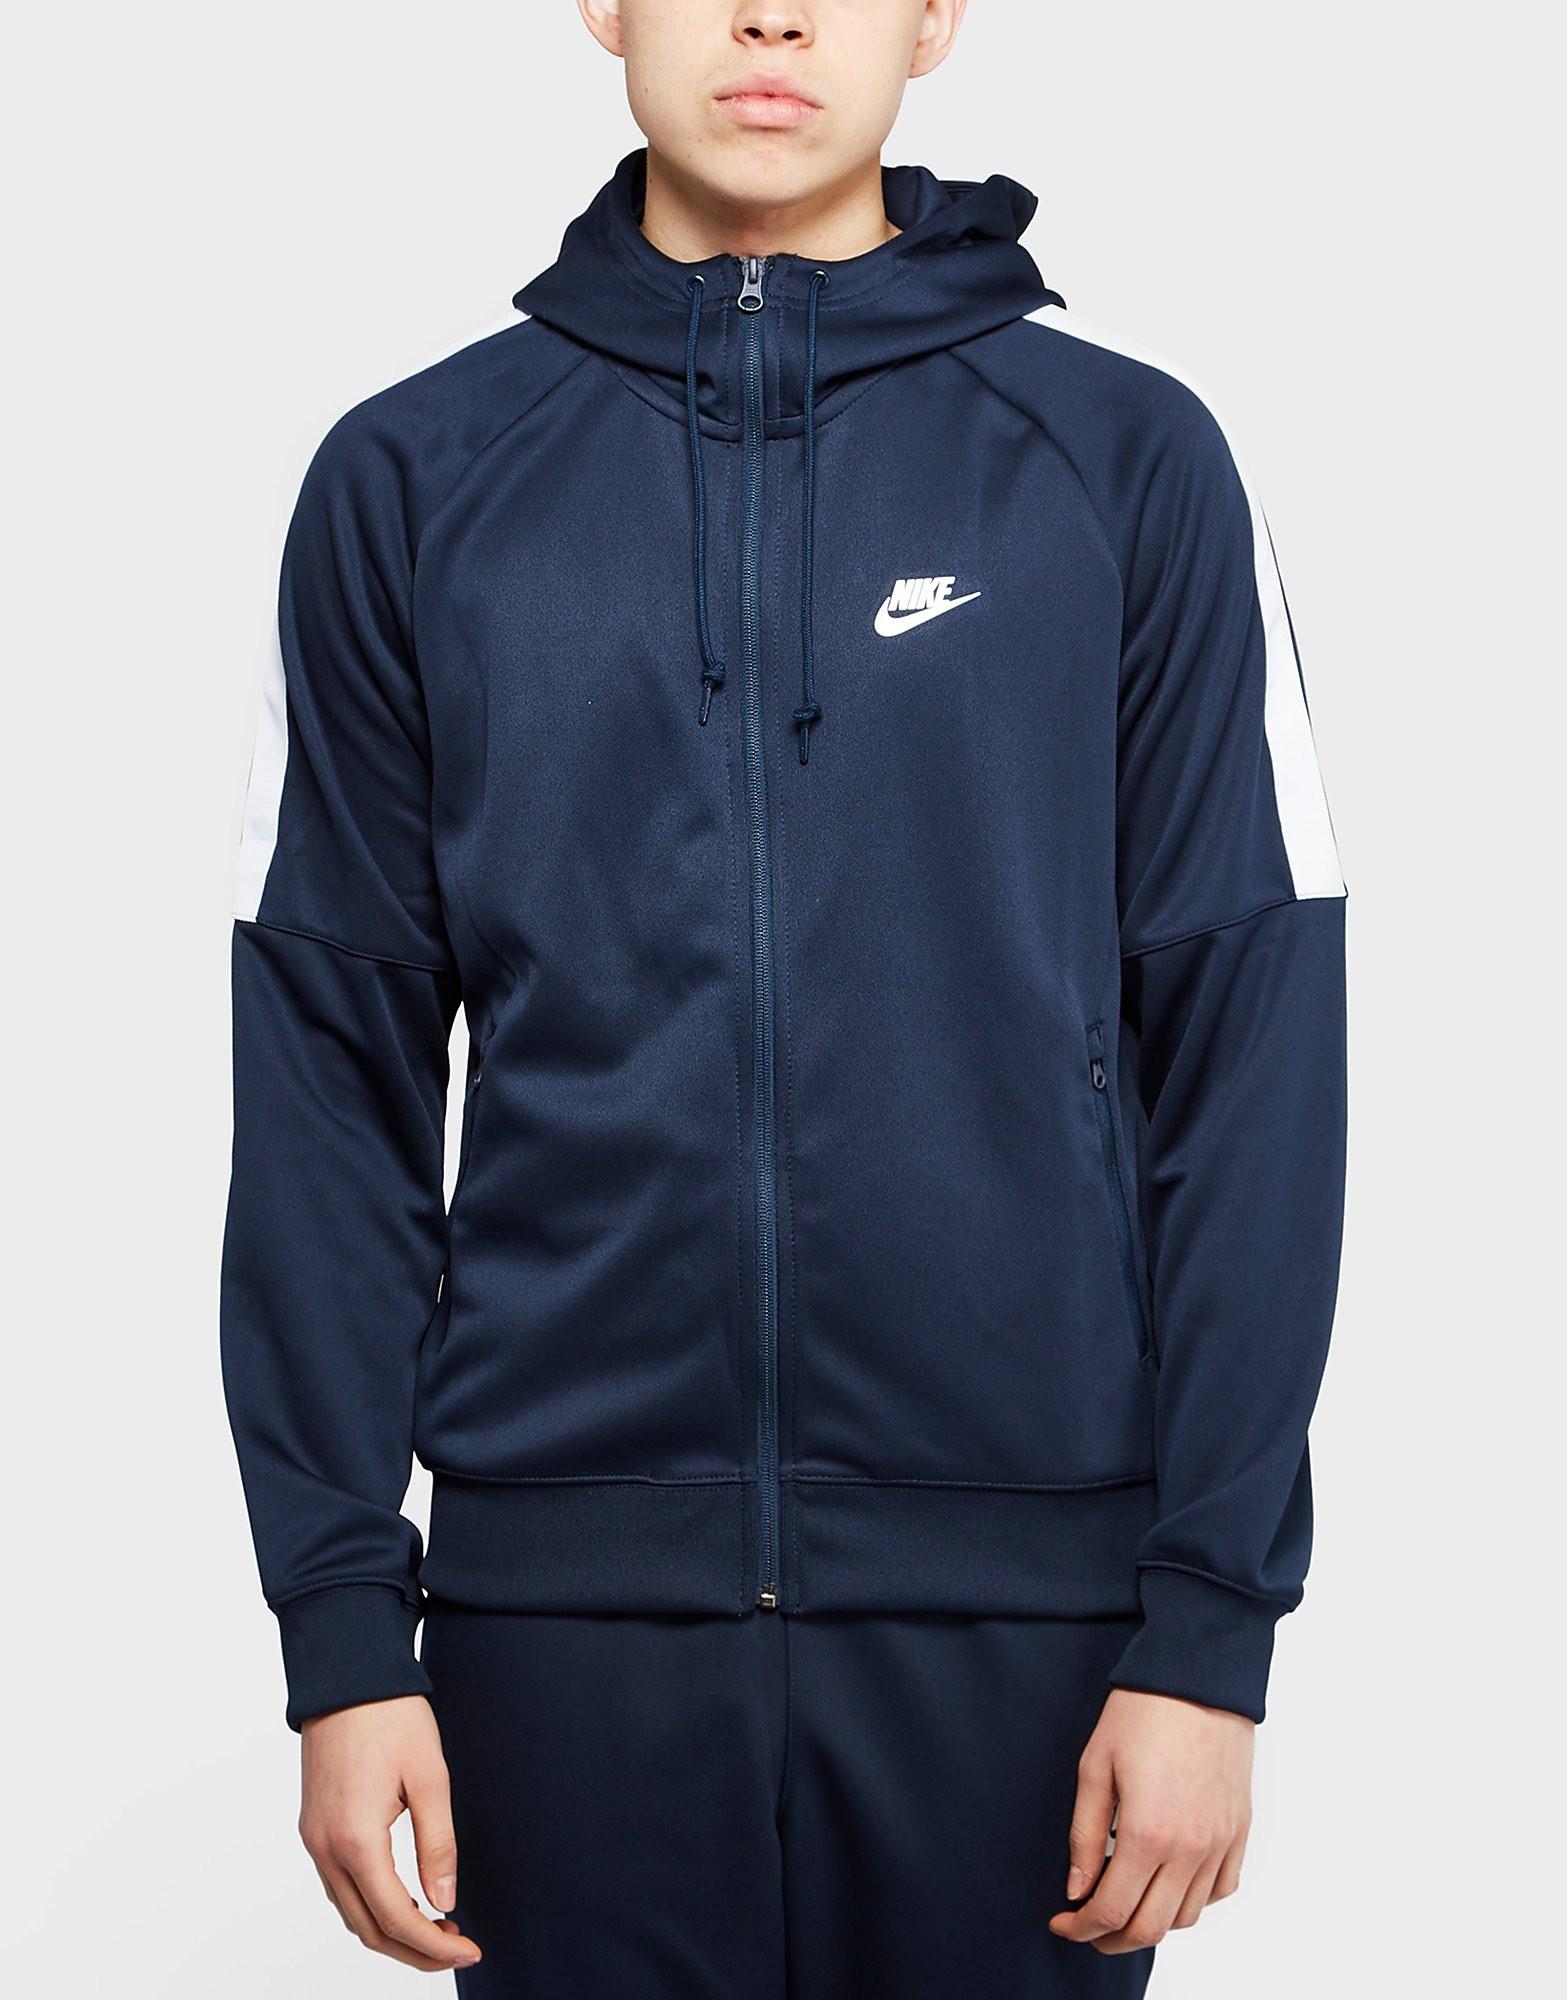 Nike Tribute Full Zip Poly Hoody